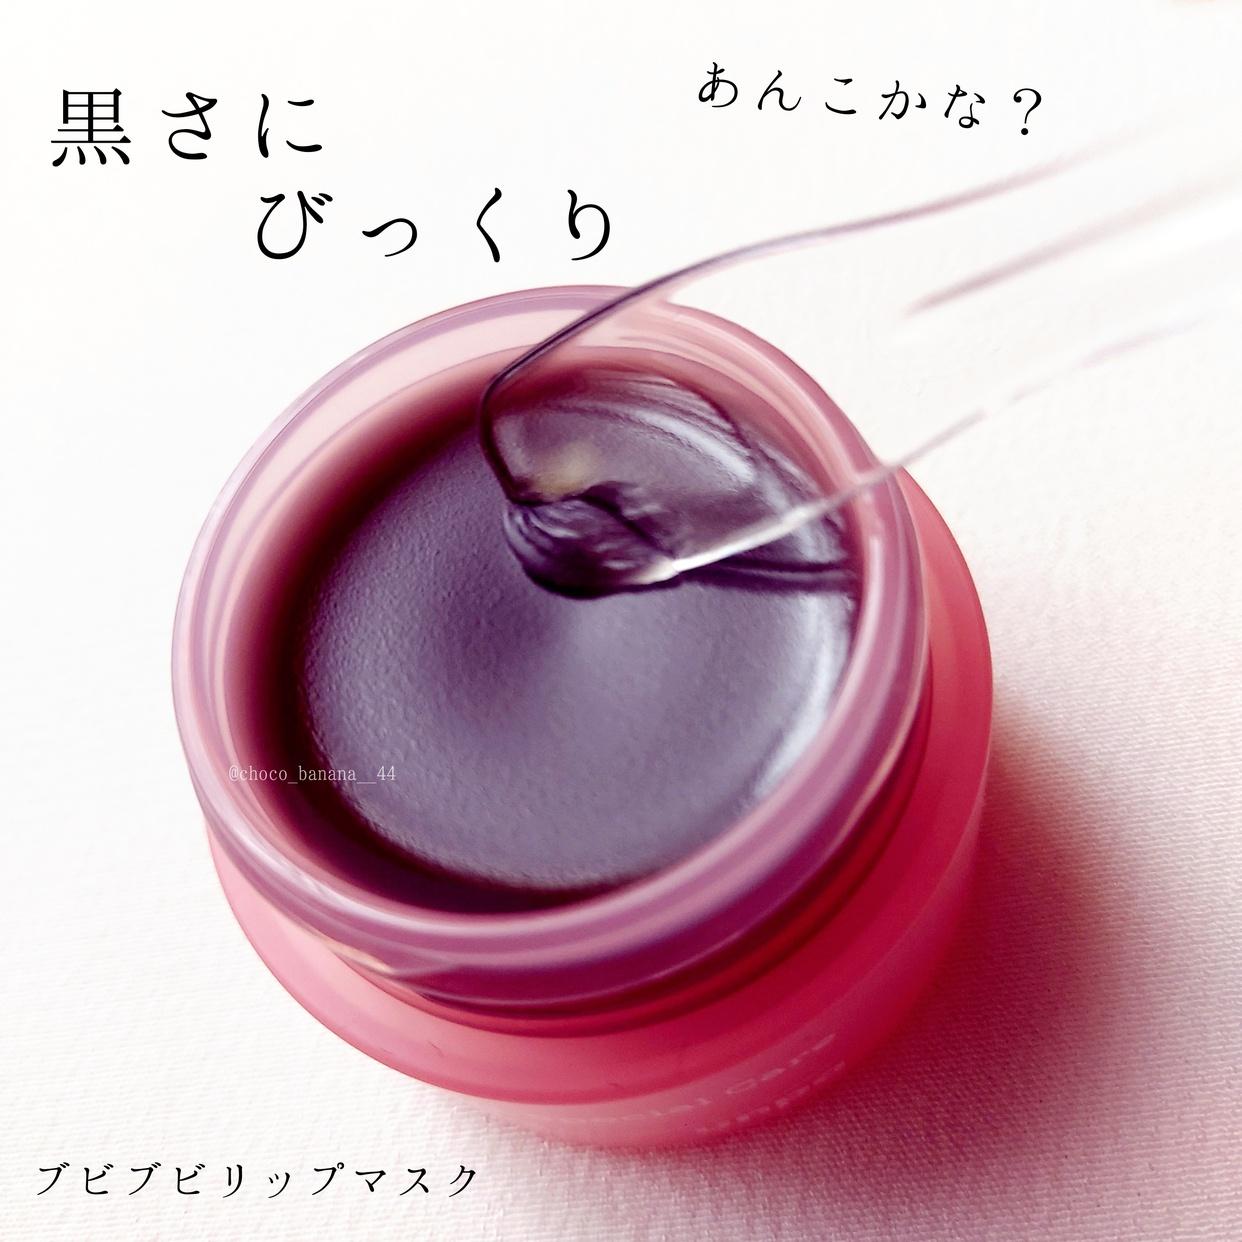 unpa.Cosmetics(オンパコスメティック) ブビブビリップマスクを使ったししさんのクチコミ画像2